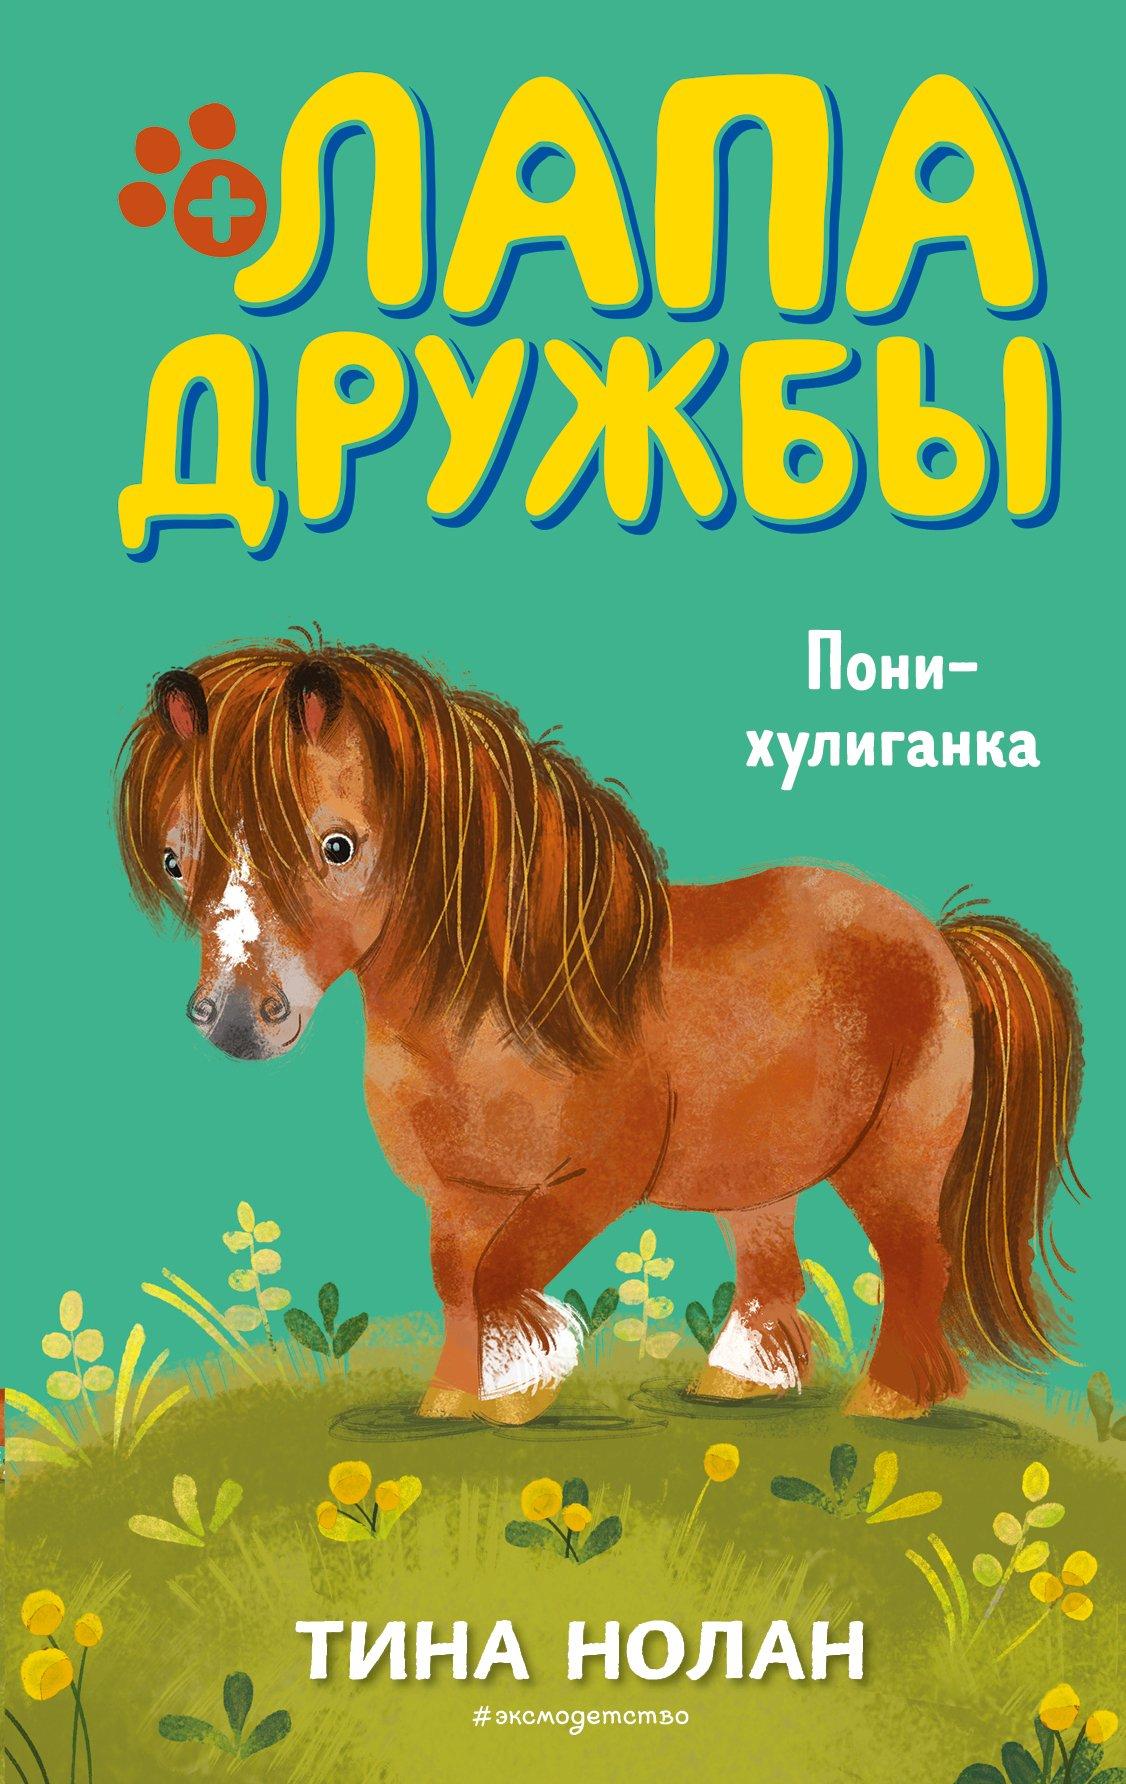 Купить книгу Пони-хулиганка, автора Тины Нолан